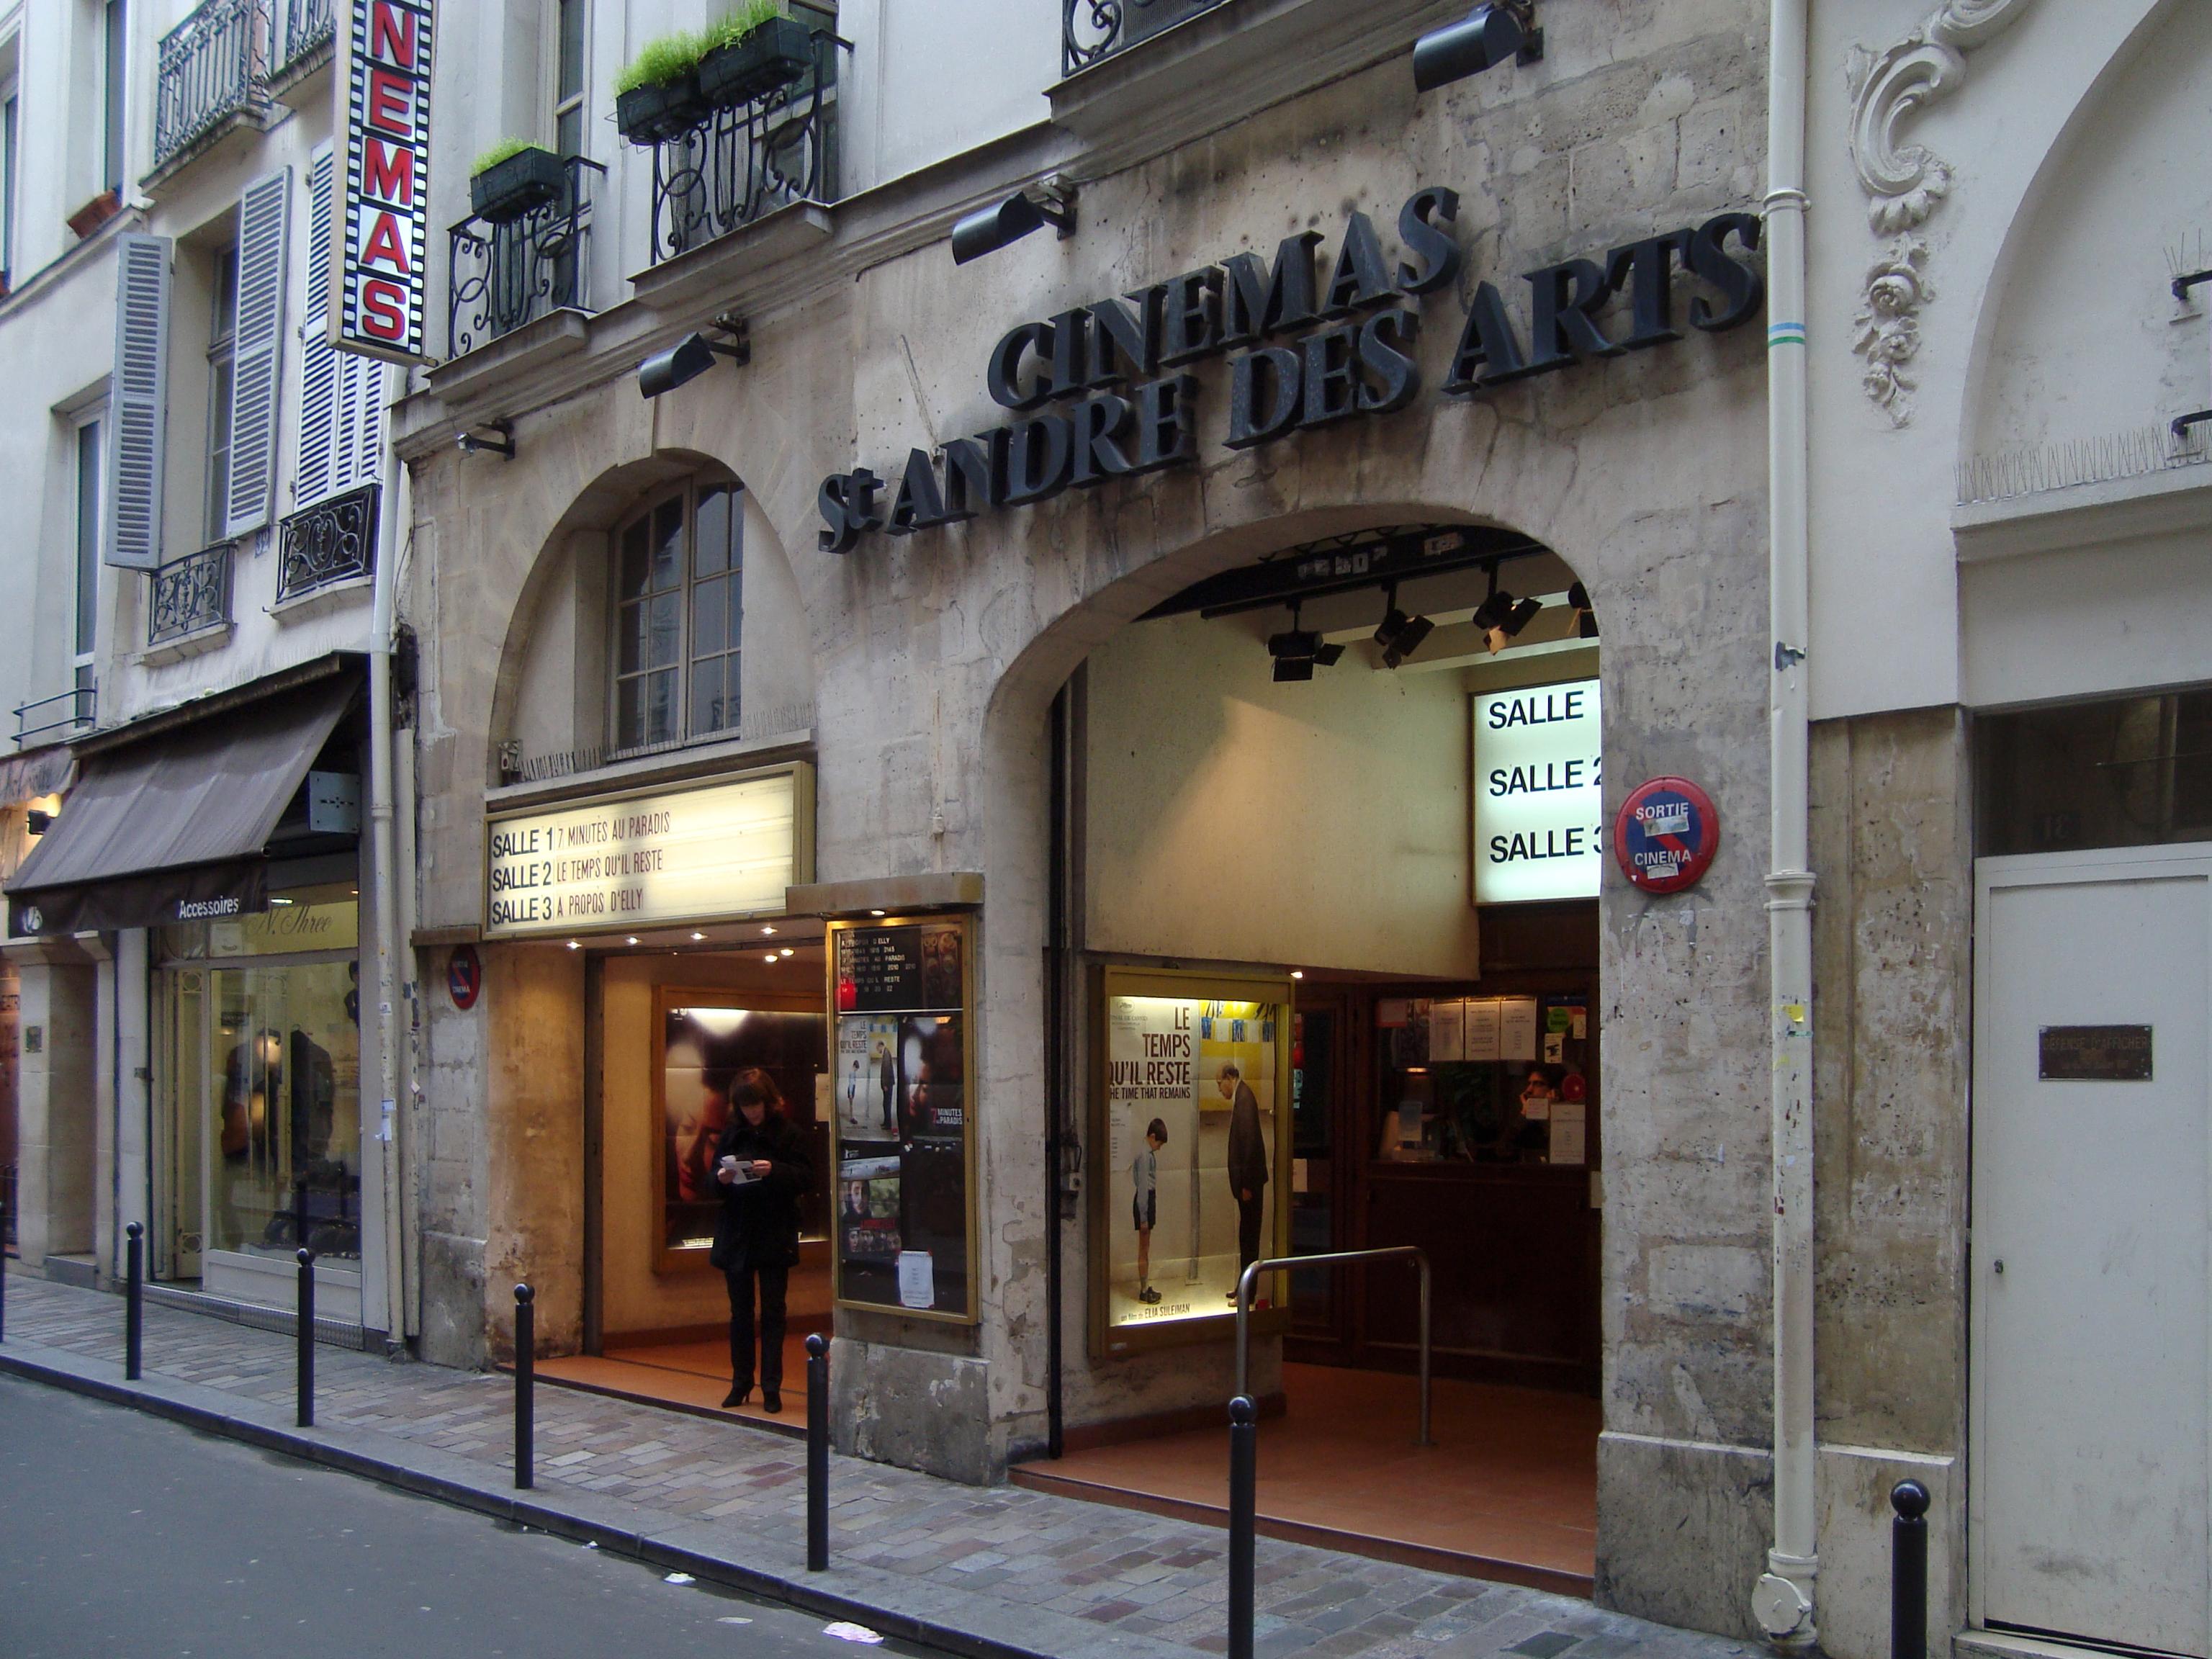 St Andre De Art Paris Hotel